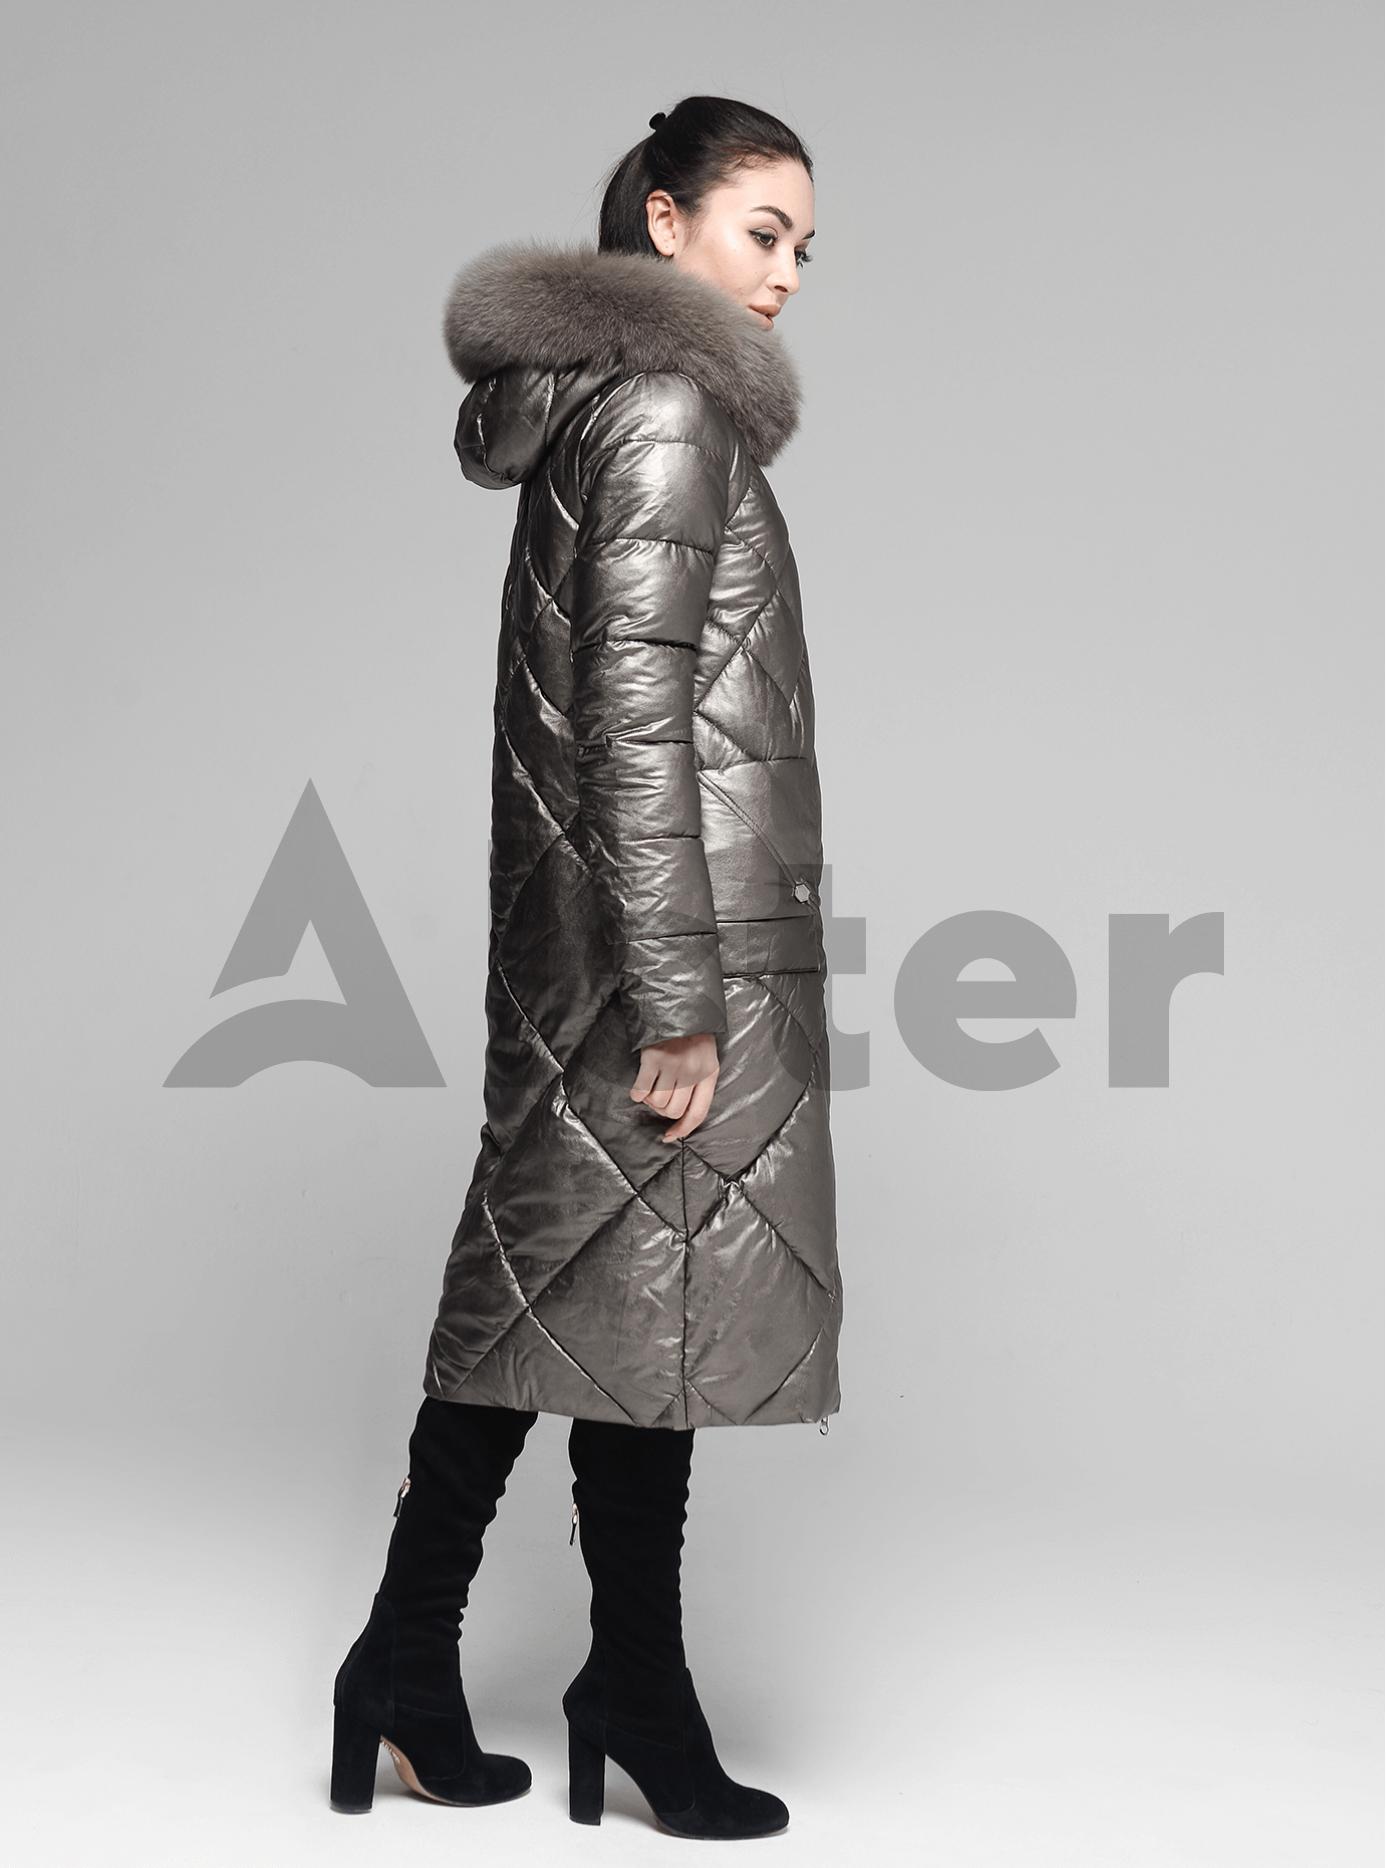 Куртка довга пряма з хутром песця на капюшоні Коричневий S (05-ZL2129): фото - Alster.ua